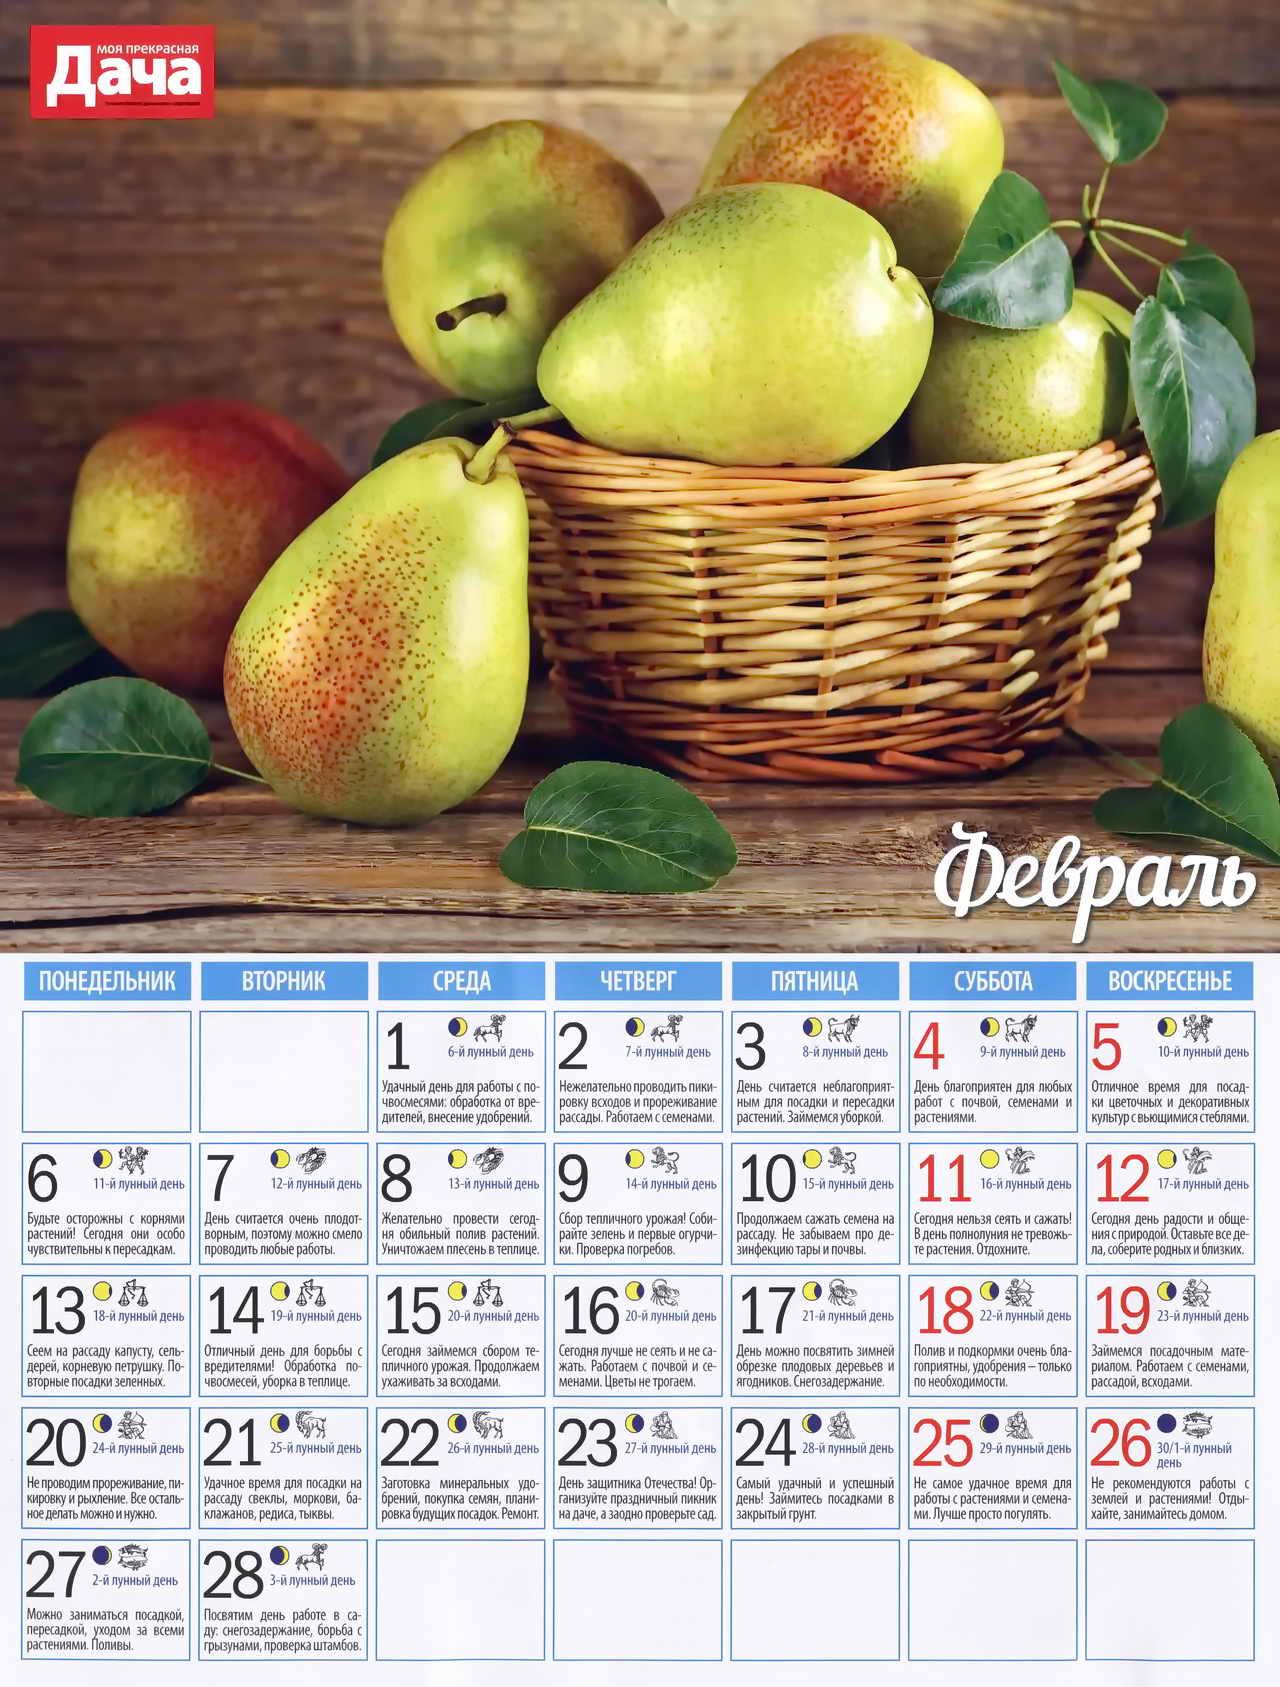 посевной лунный календарь на февраль